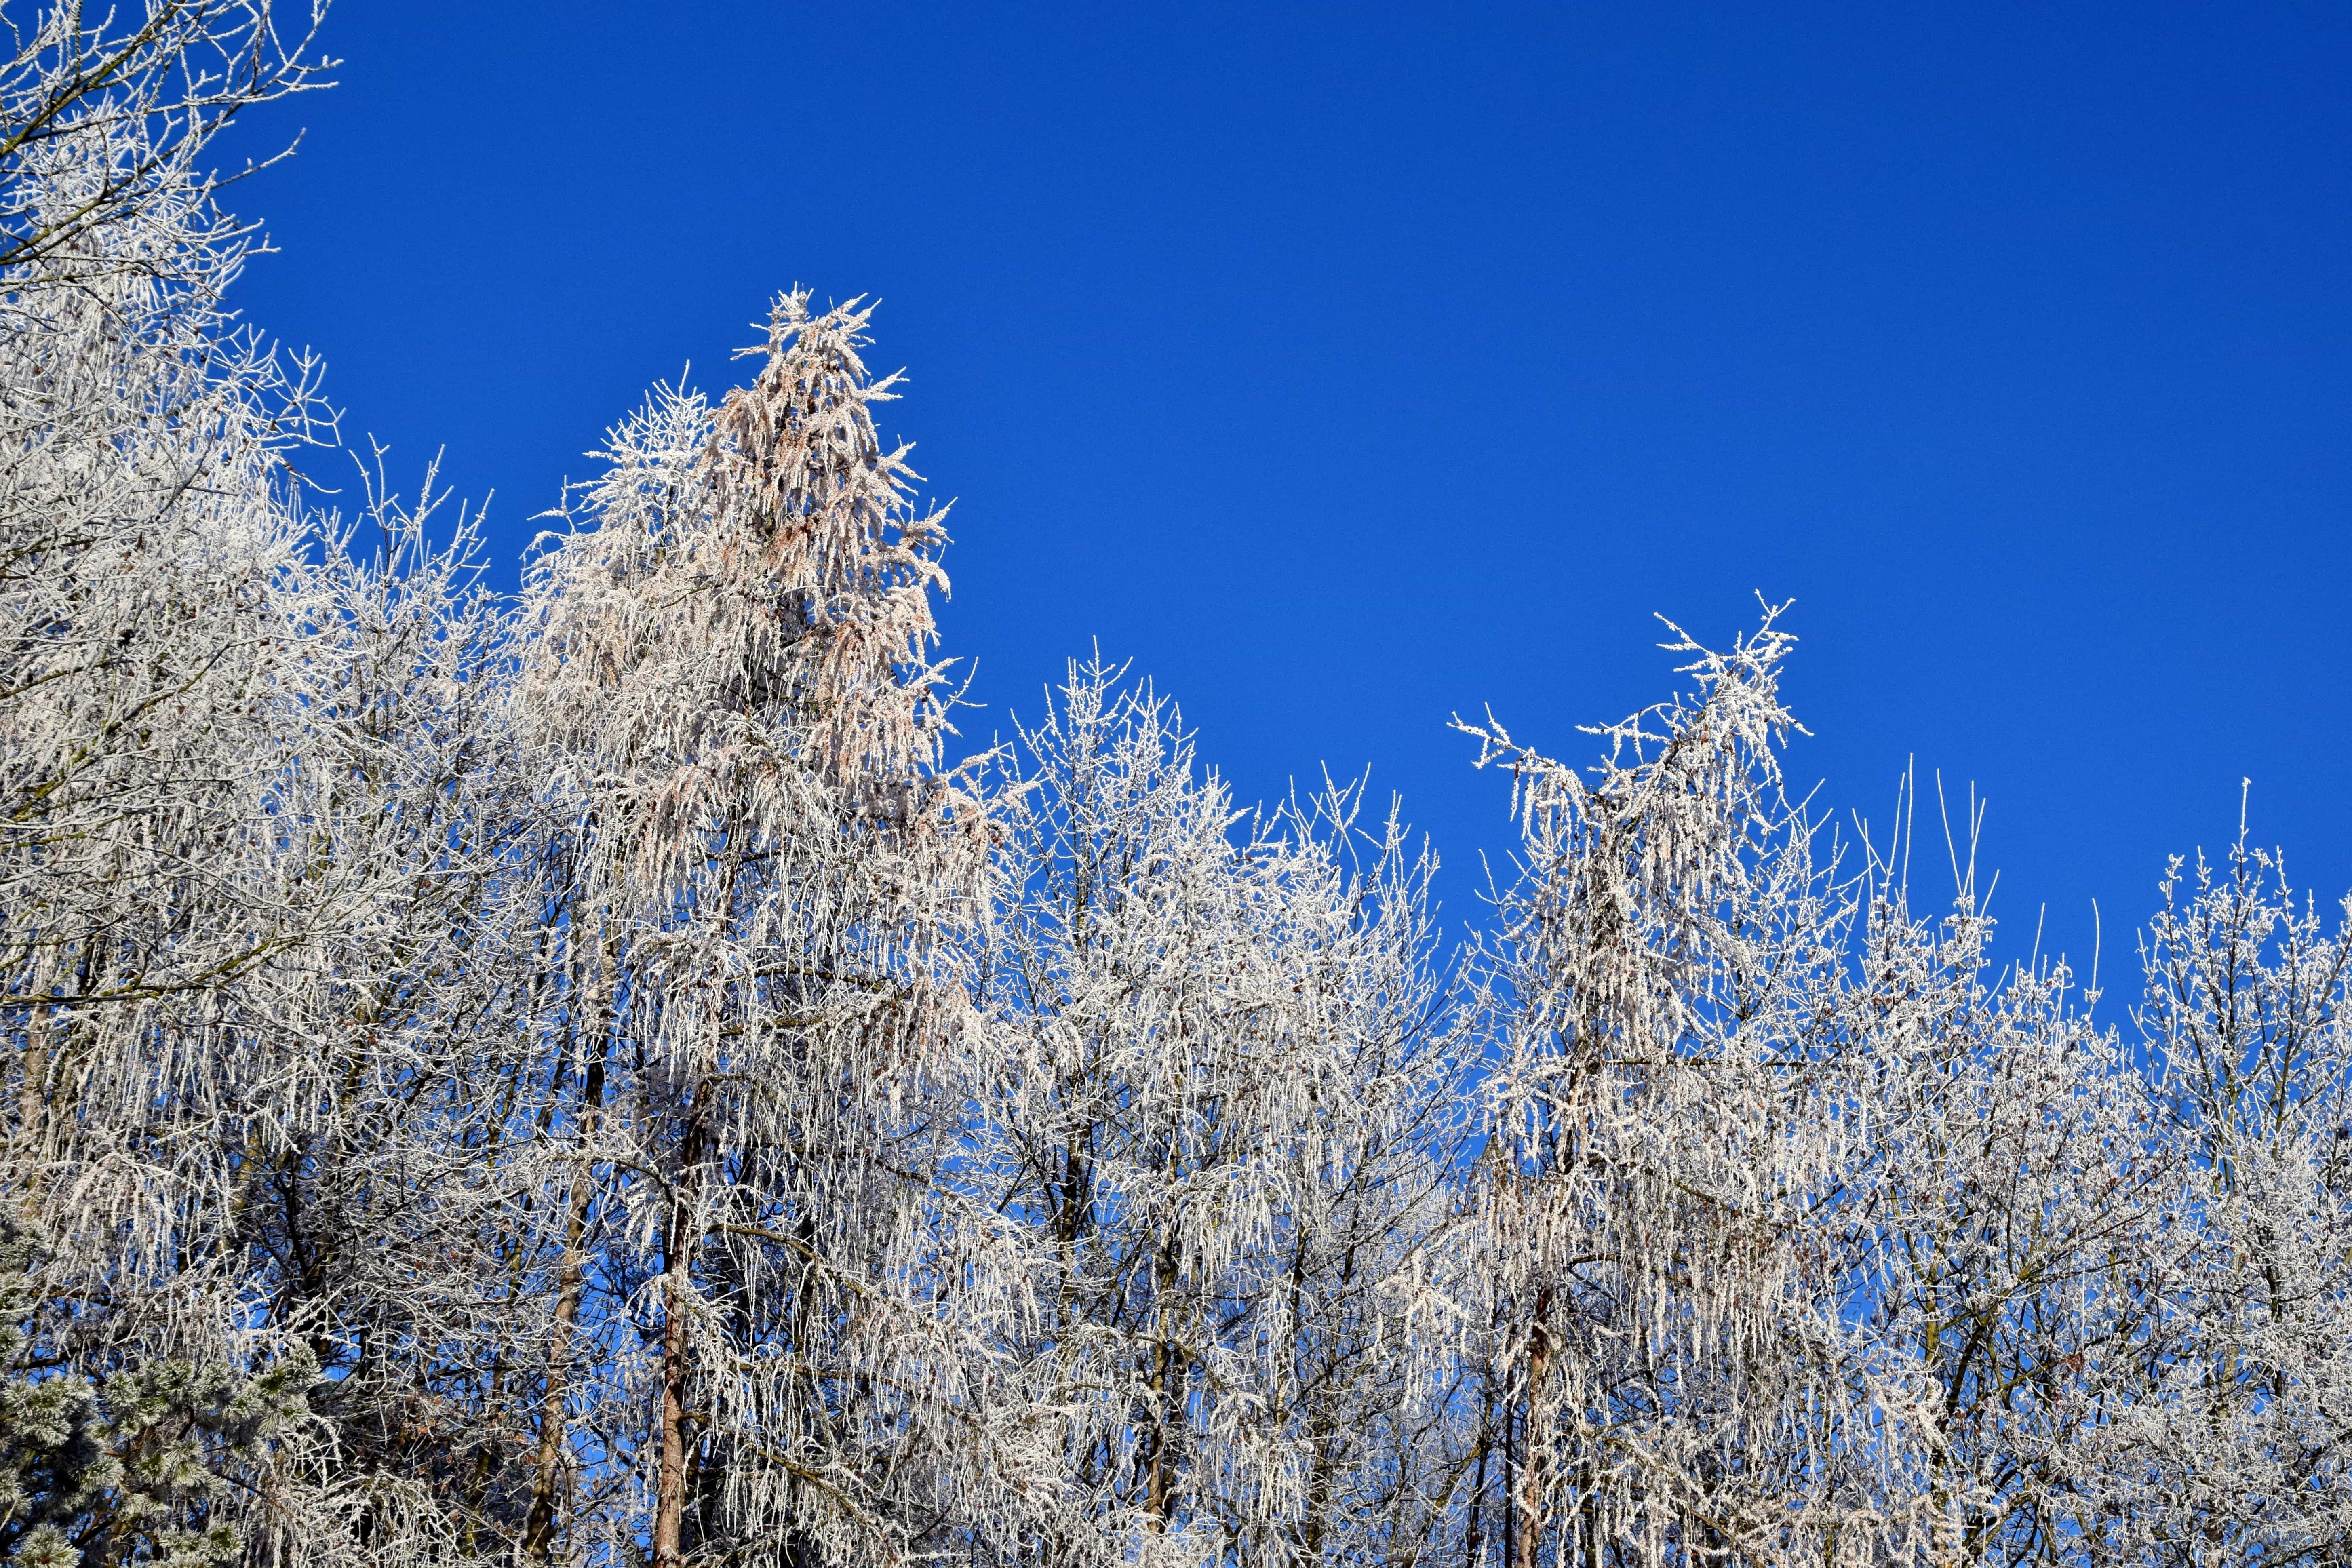 paysage bois neige gel arbre ciel bleu froid nature hiver - Arbre Ciel